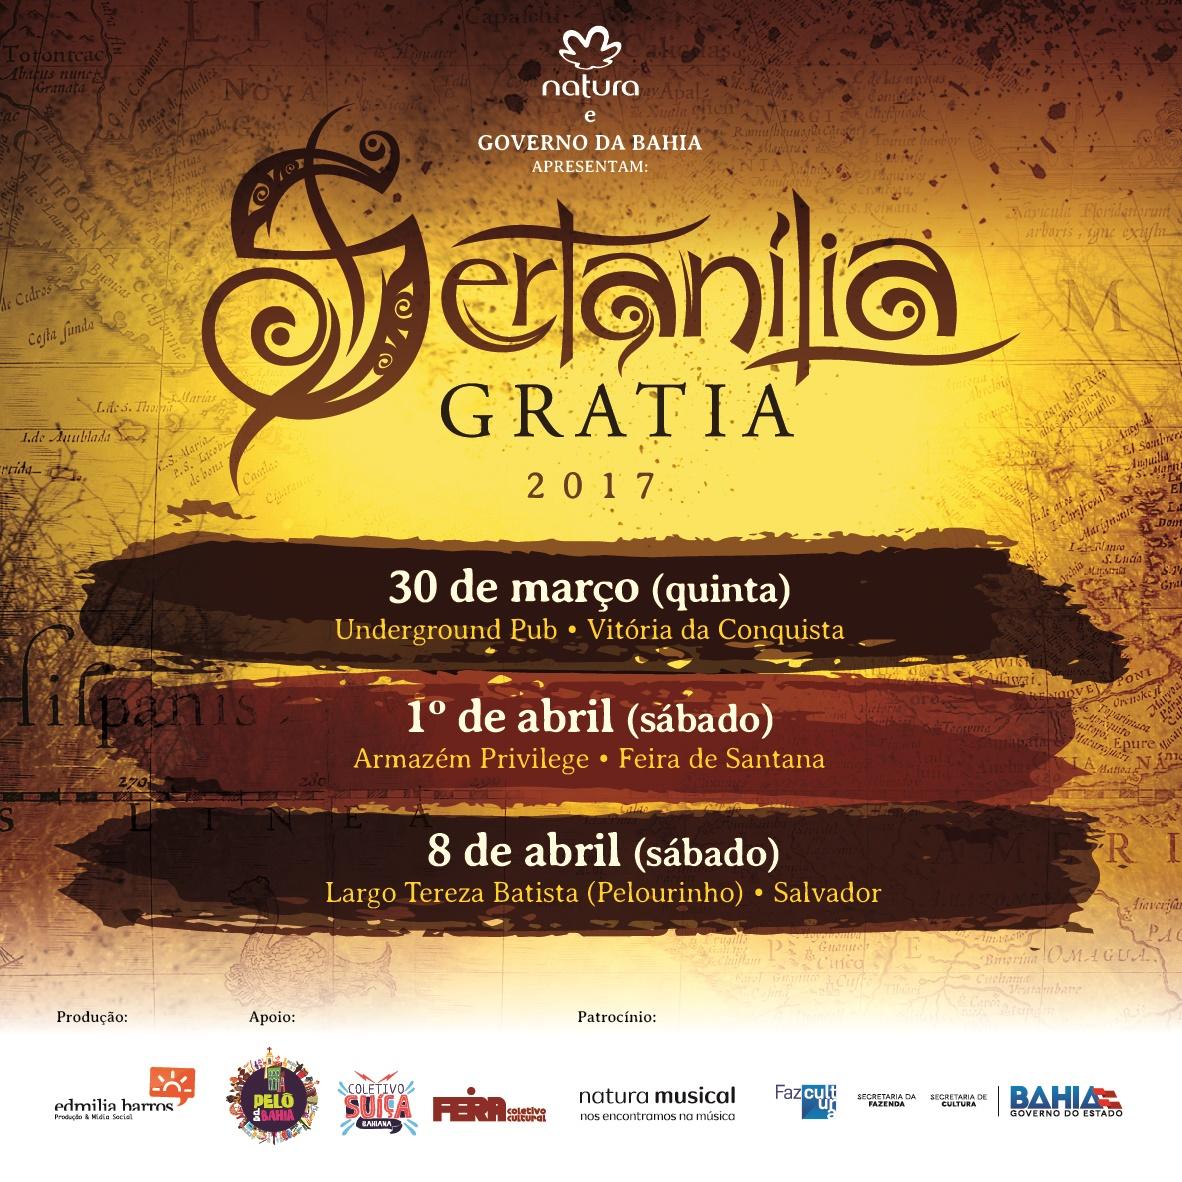 cartaz-redes-geral-gratia-sertanilia-01-1